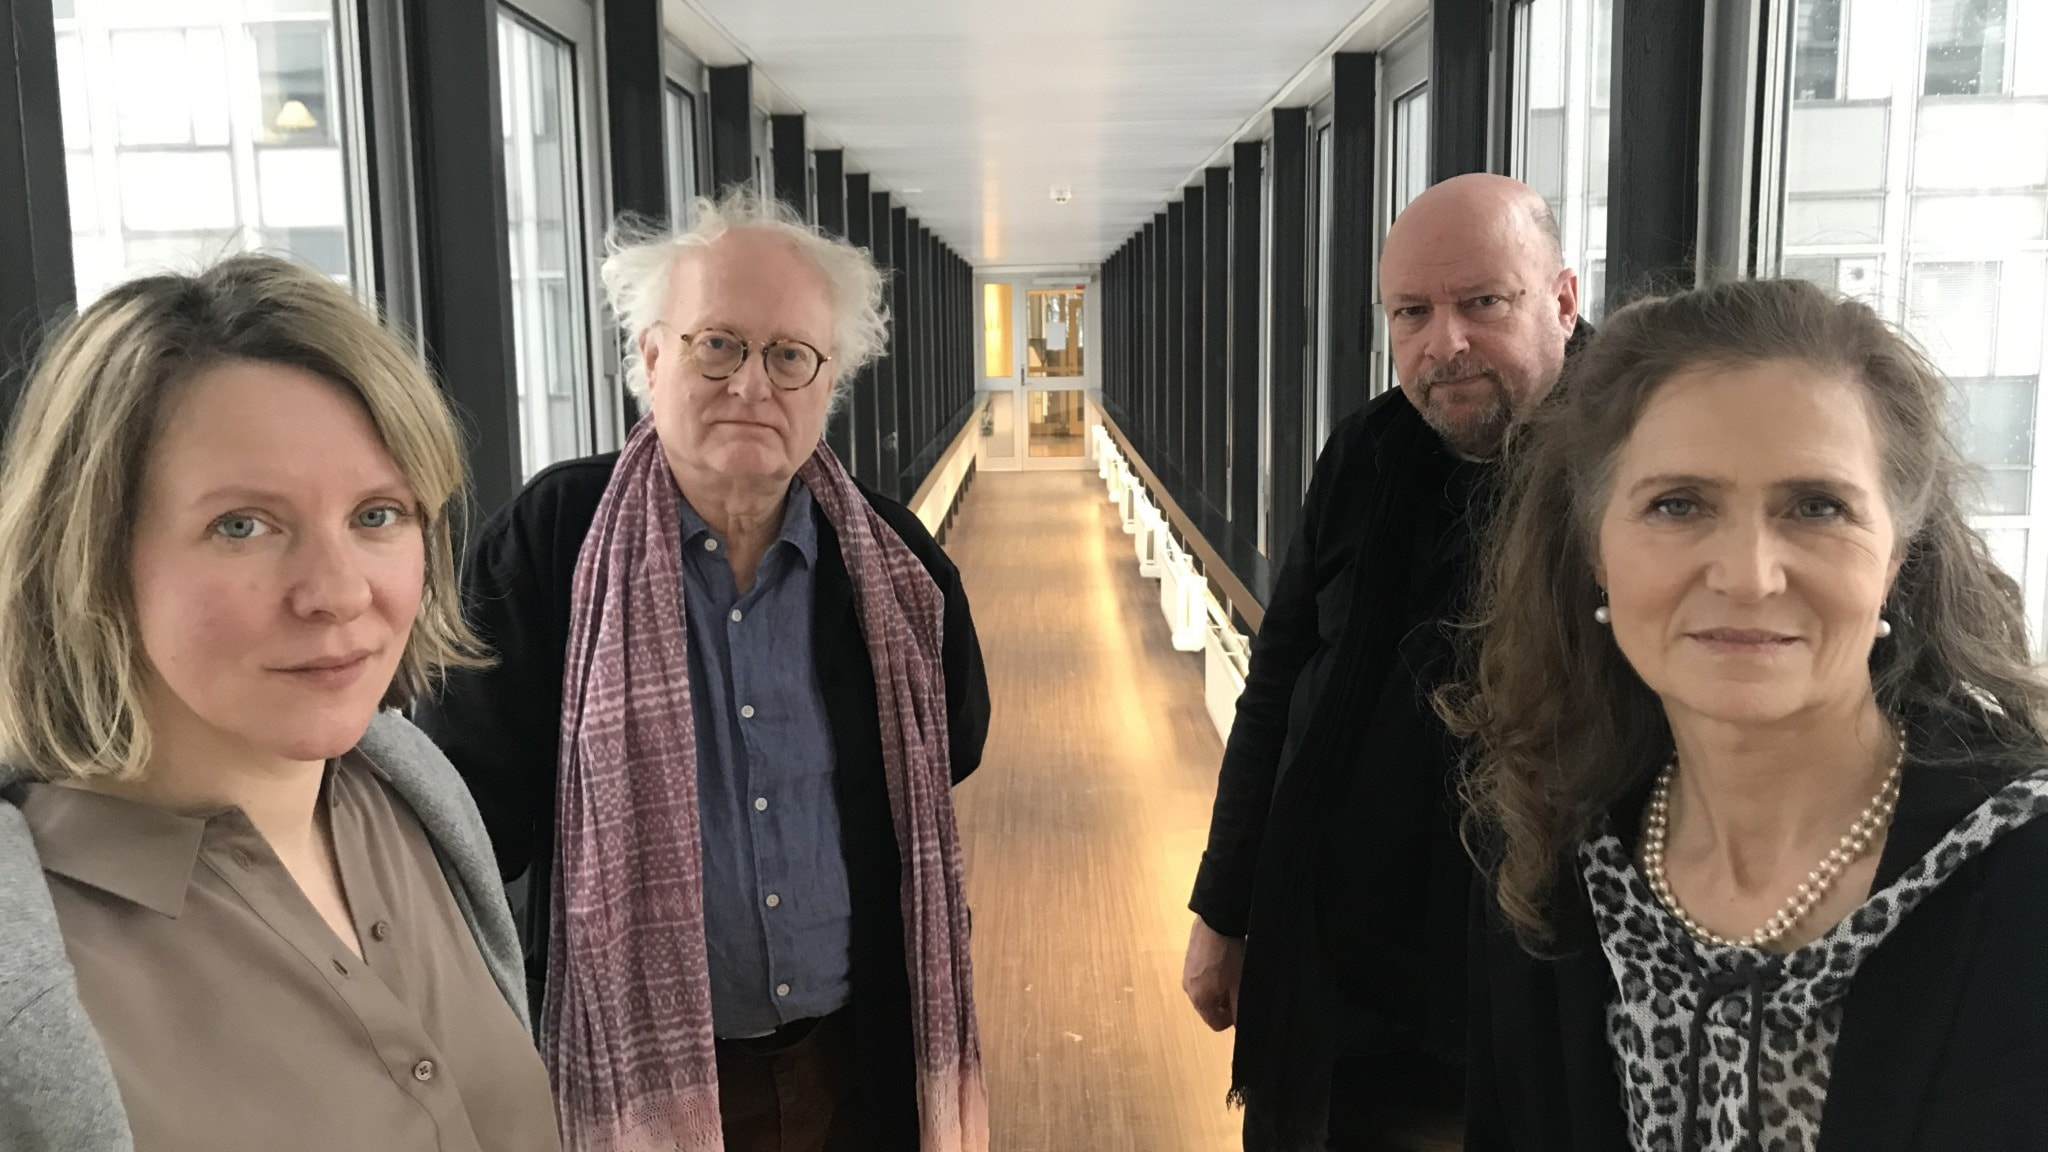 Musikjournalisten Edith Söderström, pianisten Bengt Forsberg, vikarierande programledare Magnus Lindman och P2:s Boel Adler.